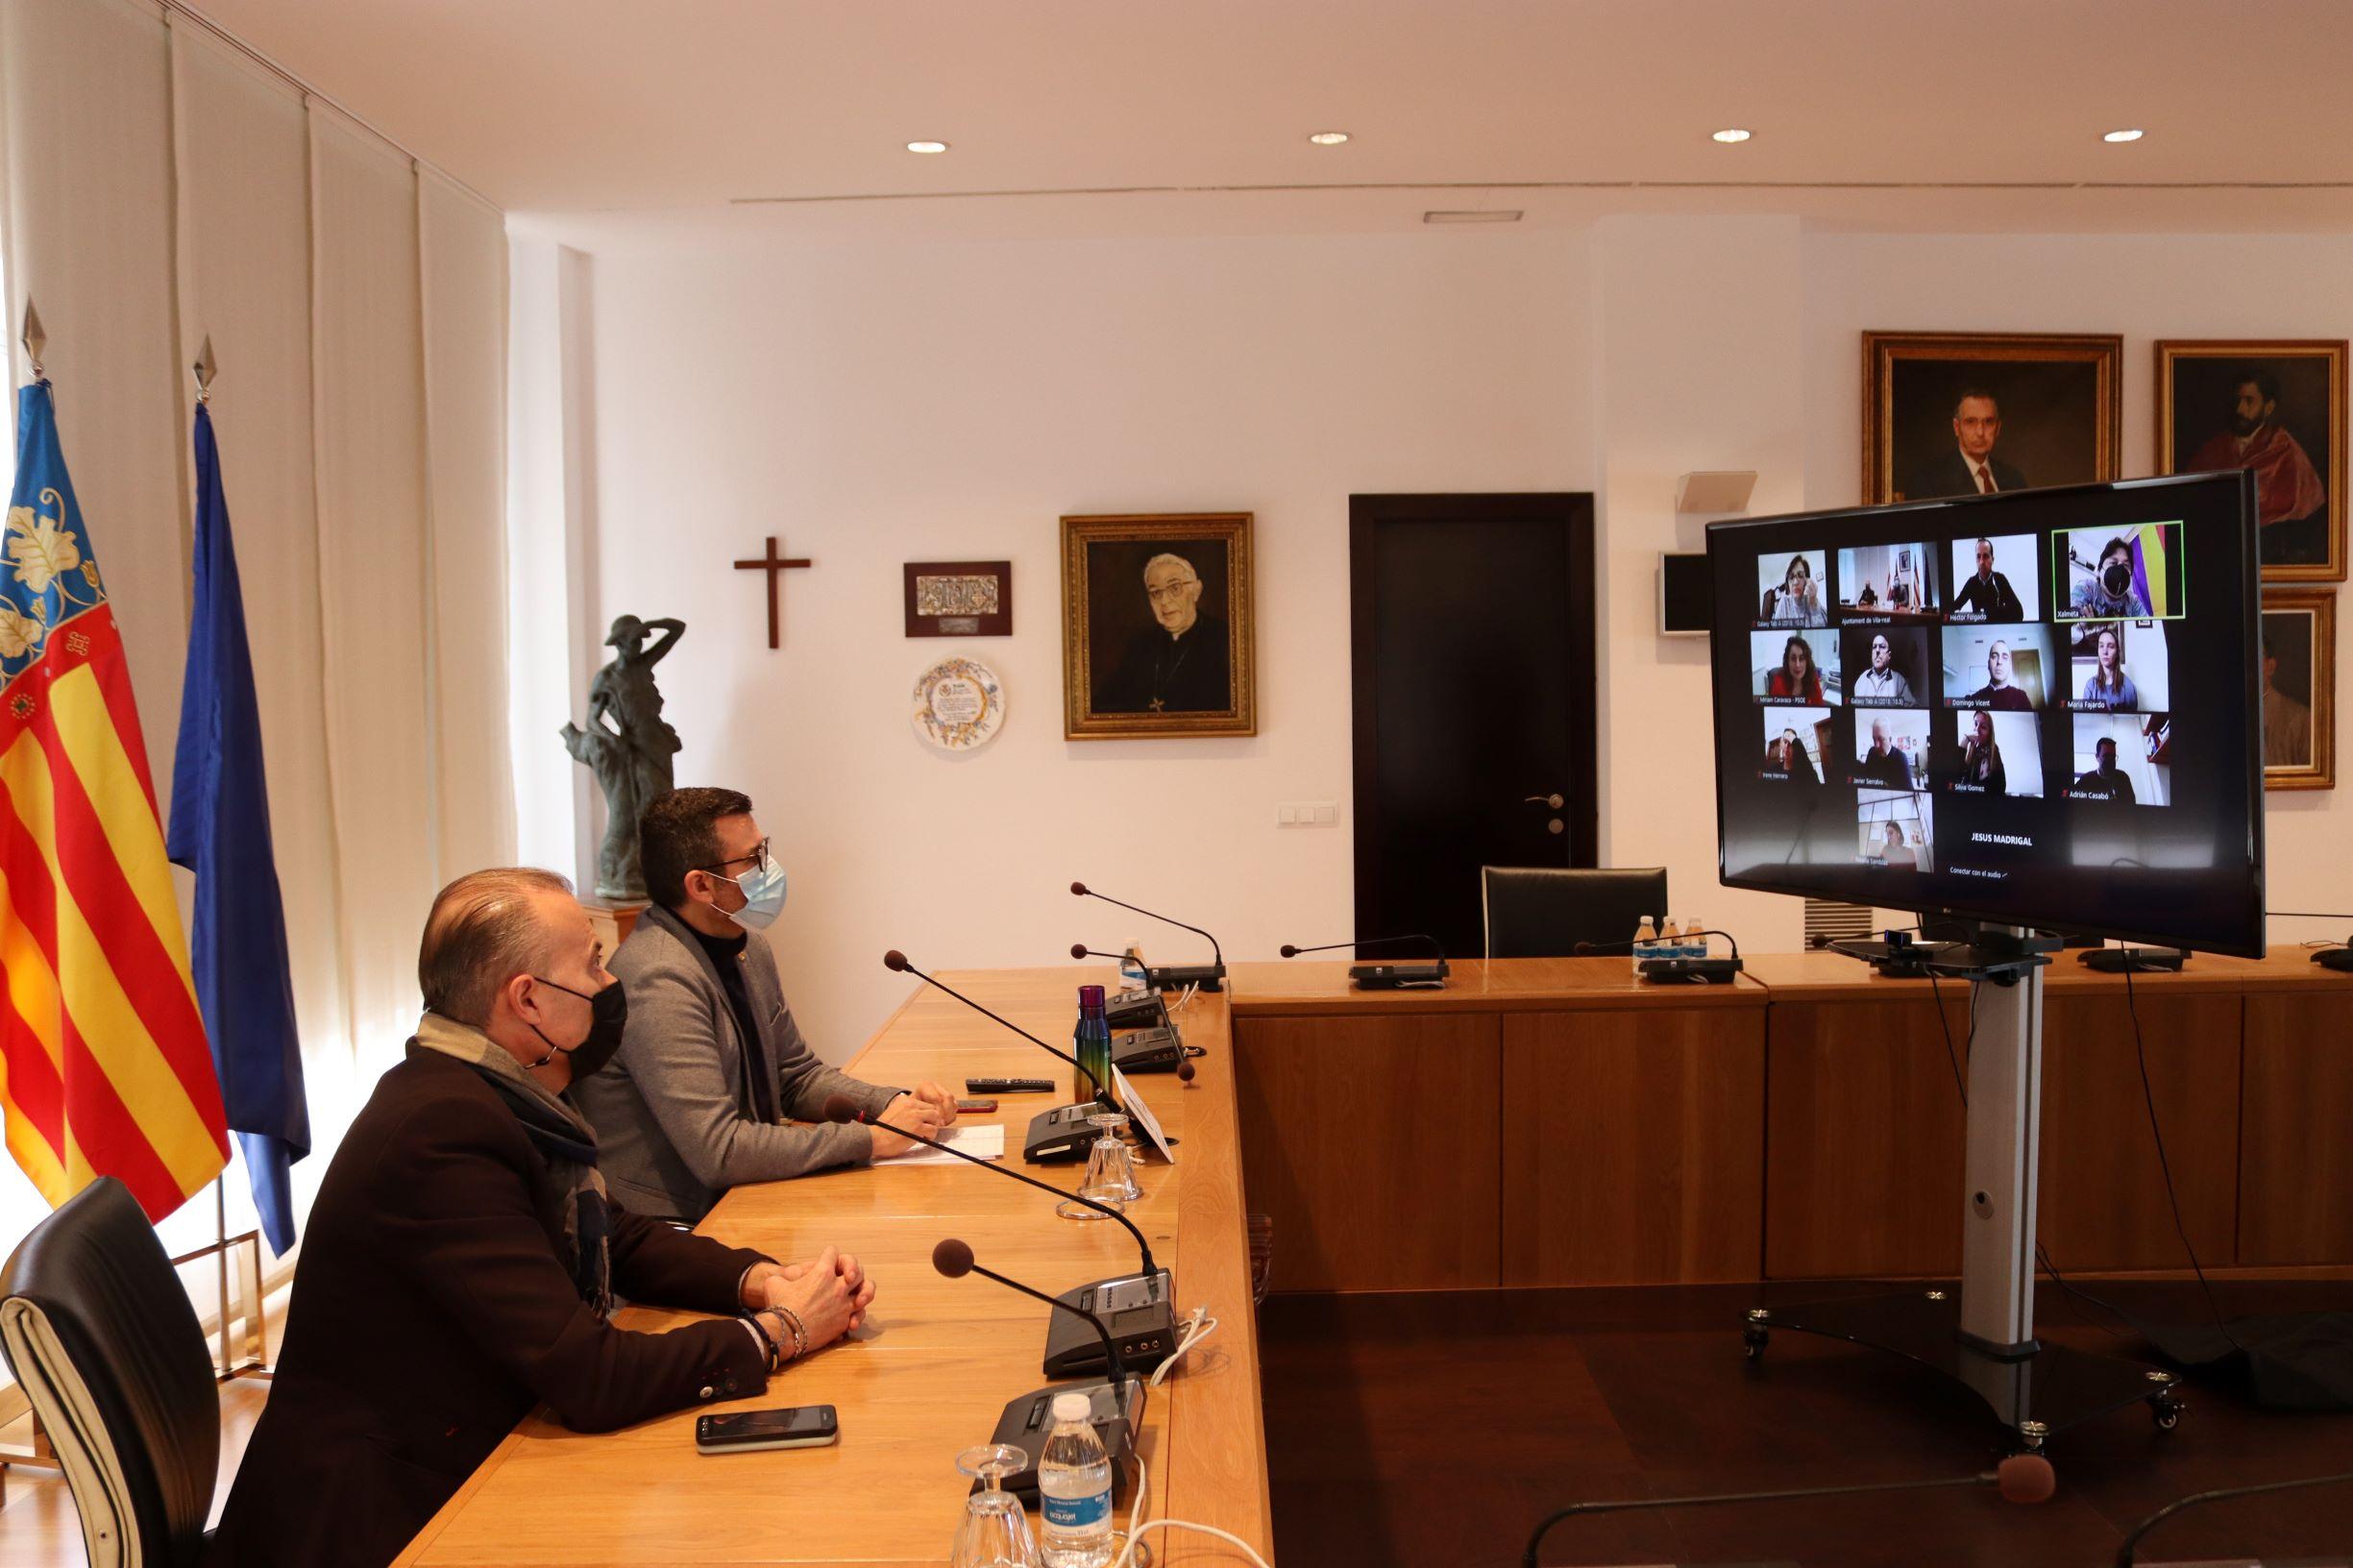 El Consejo Rector de Fiestas de Vila-real acuerda la suspensión de los festejos de San Pascual ante la situación de la pandemia